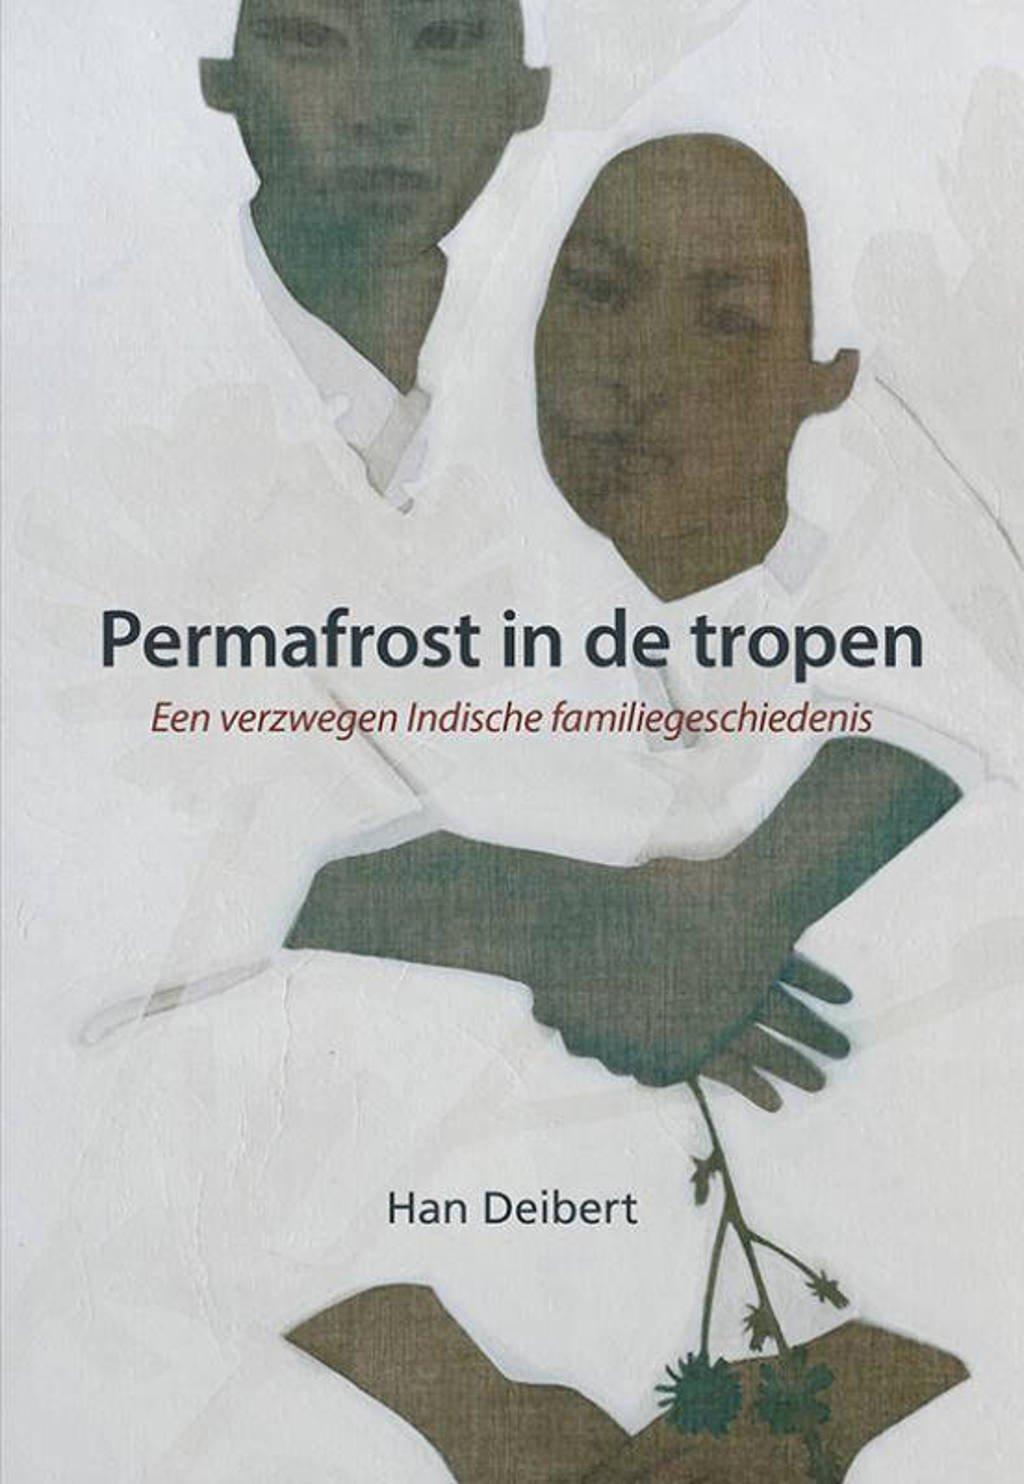 Permafrost in de tropen - Han Deibert